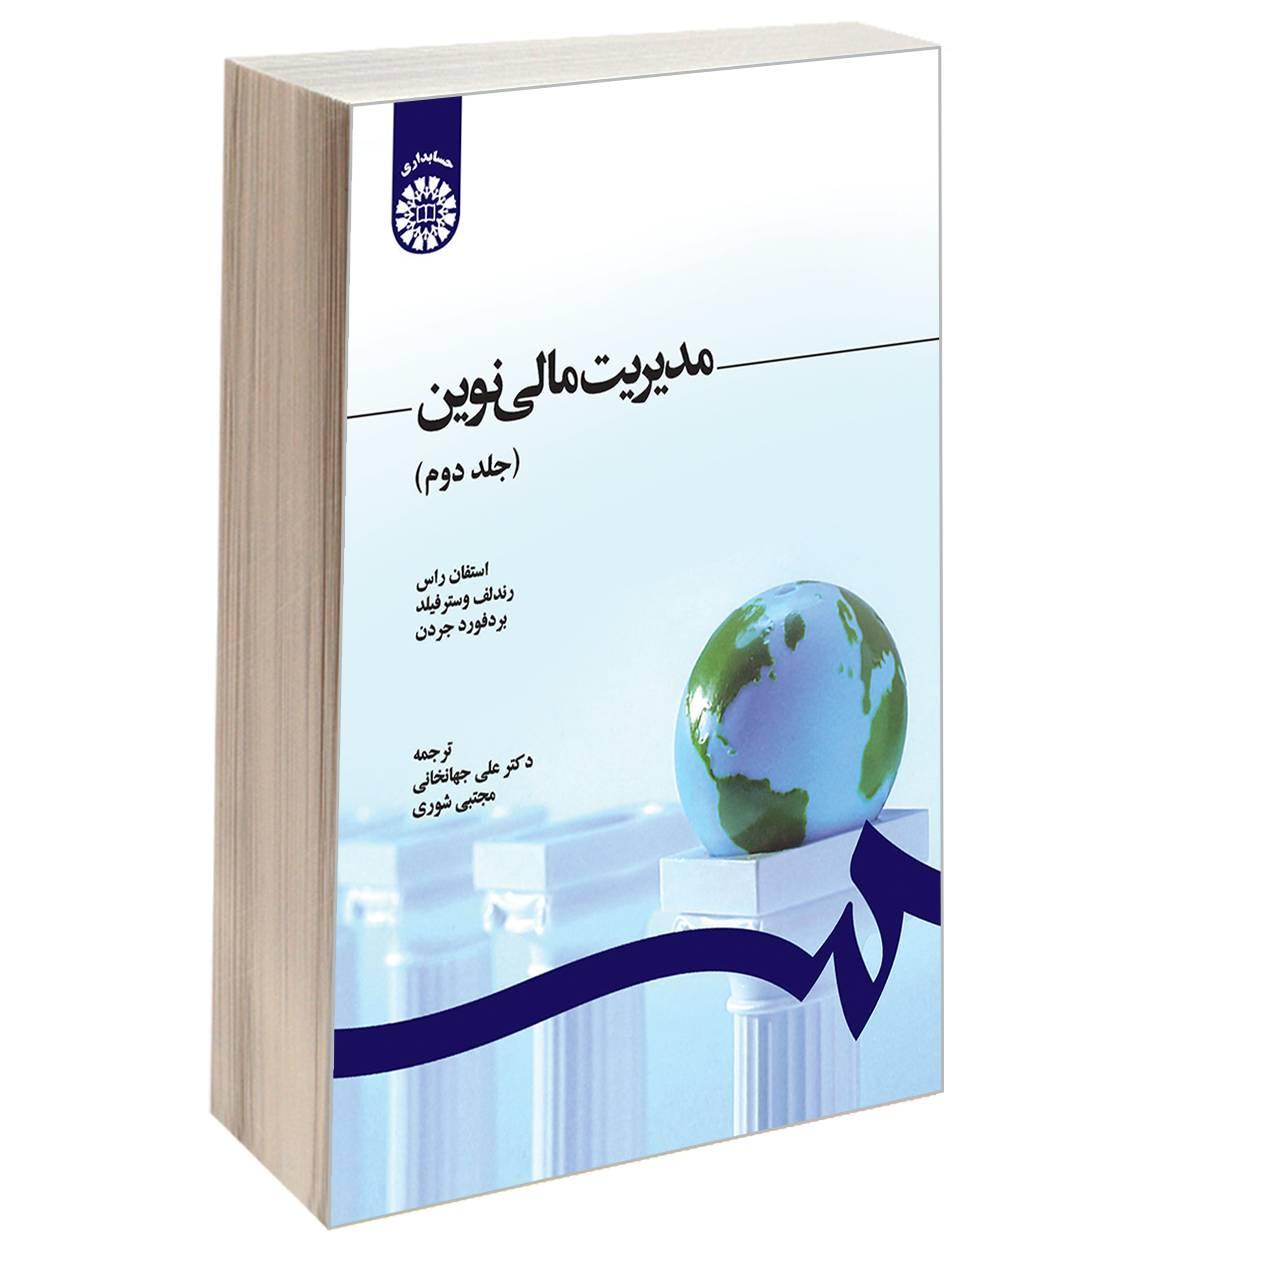 خرید                      کتاب مدیریت مالی نوین اثر جمعی از نویسندگان نشر سمت جلد ۲